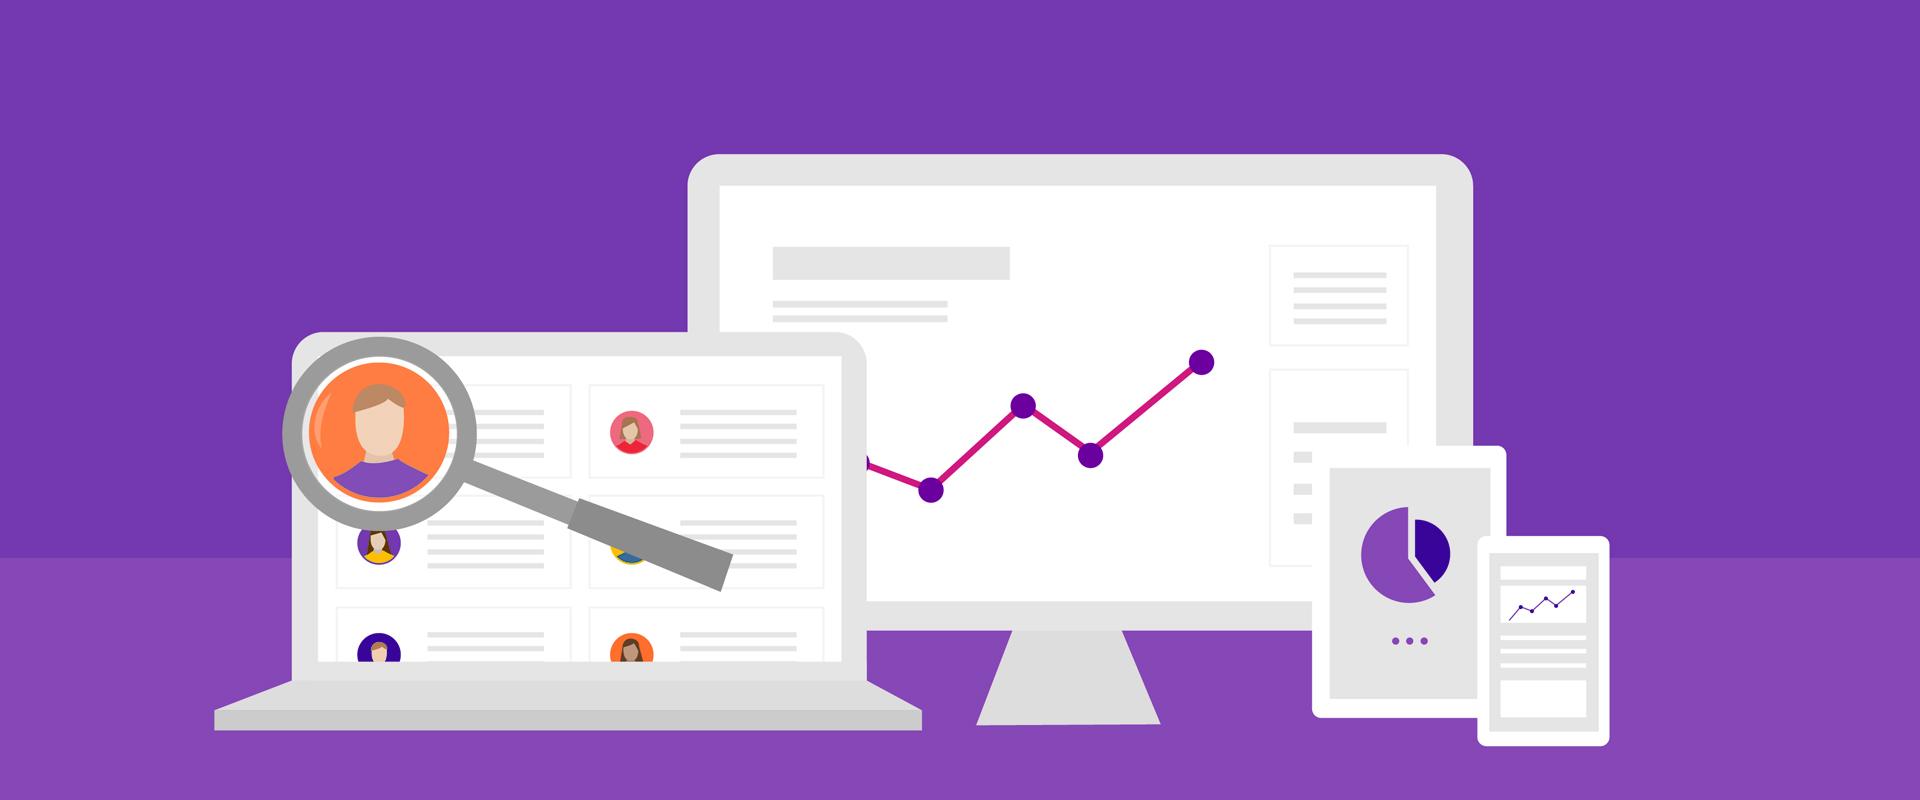 Новостные Порталы и Сложные Платформы - Студия Дизайна Тесселла